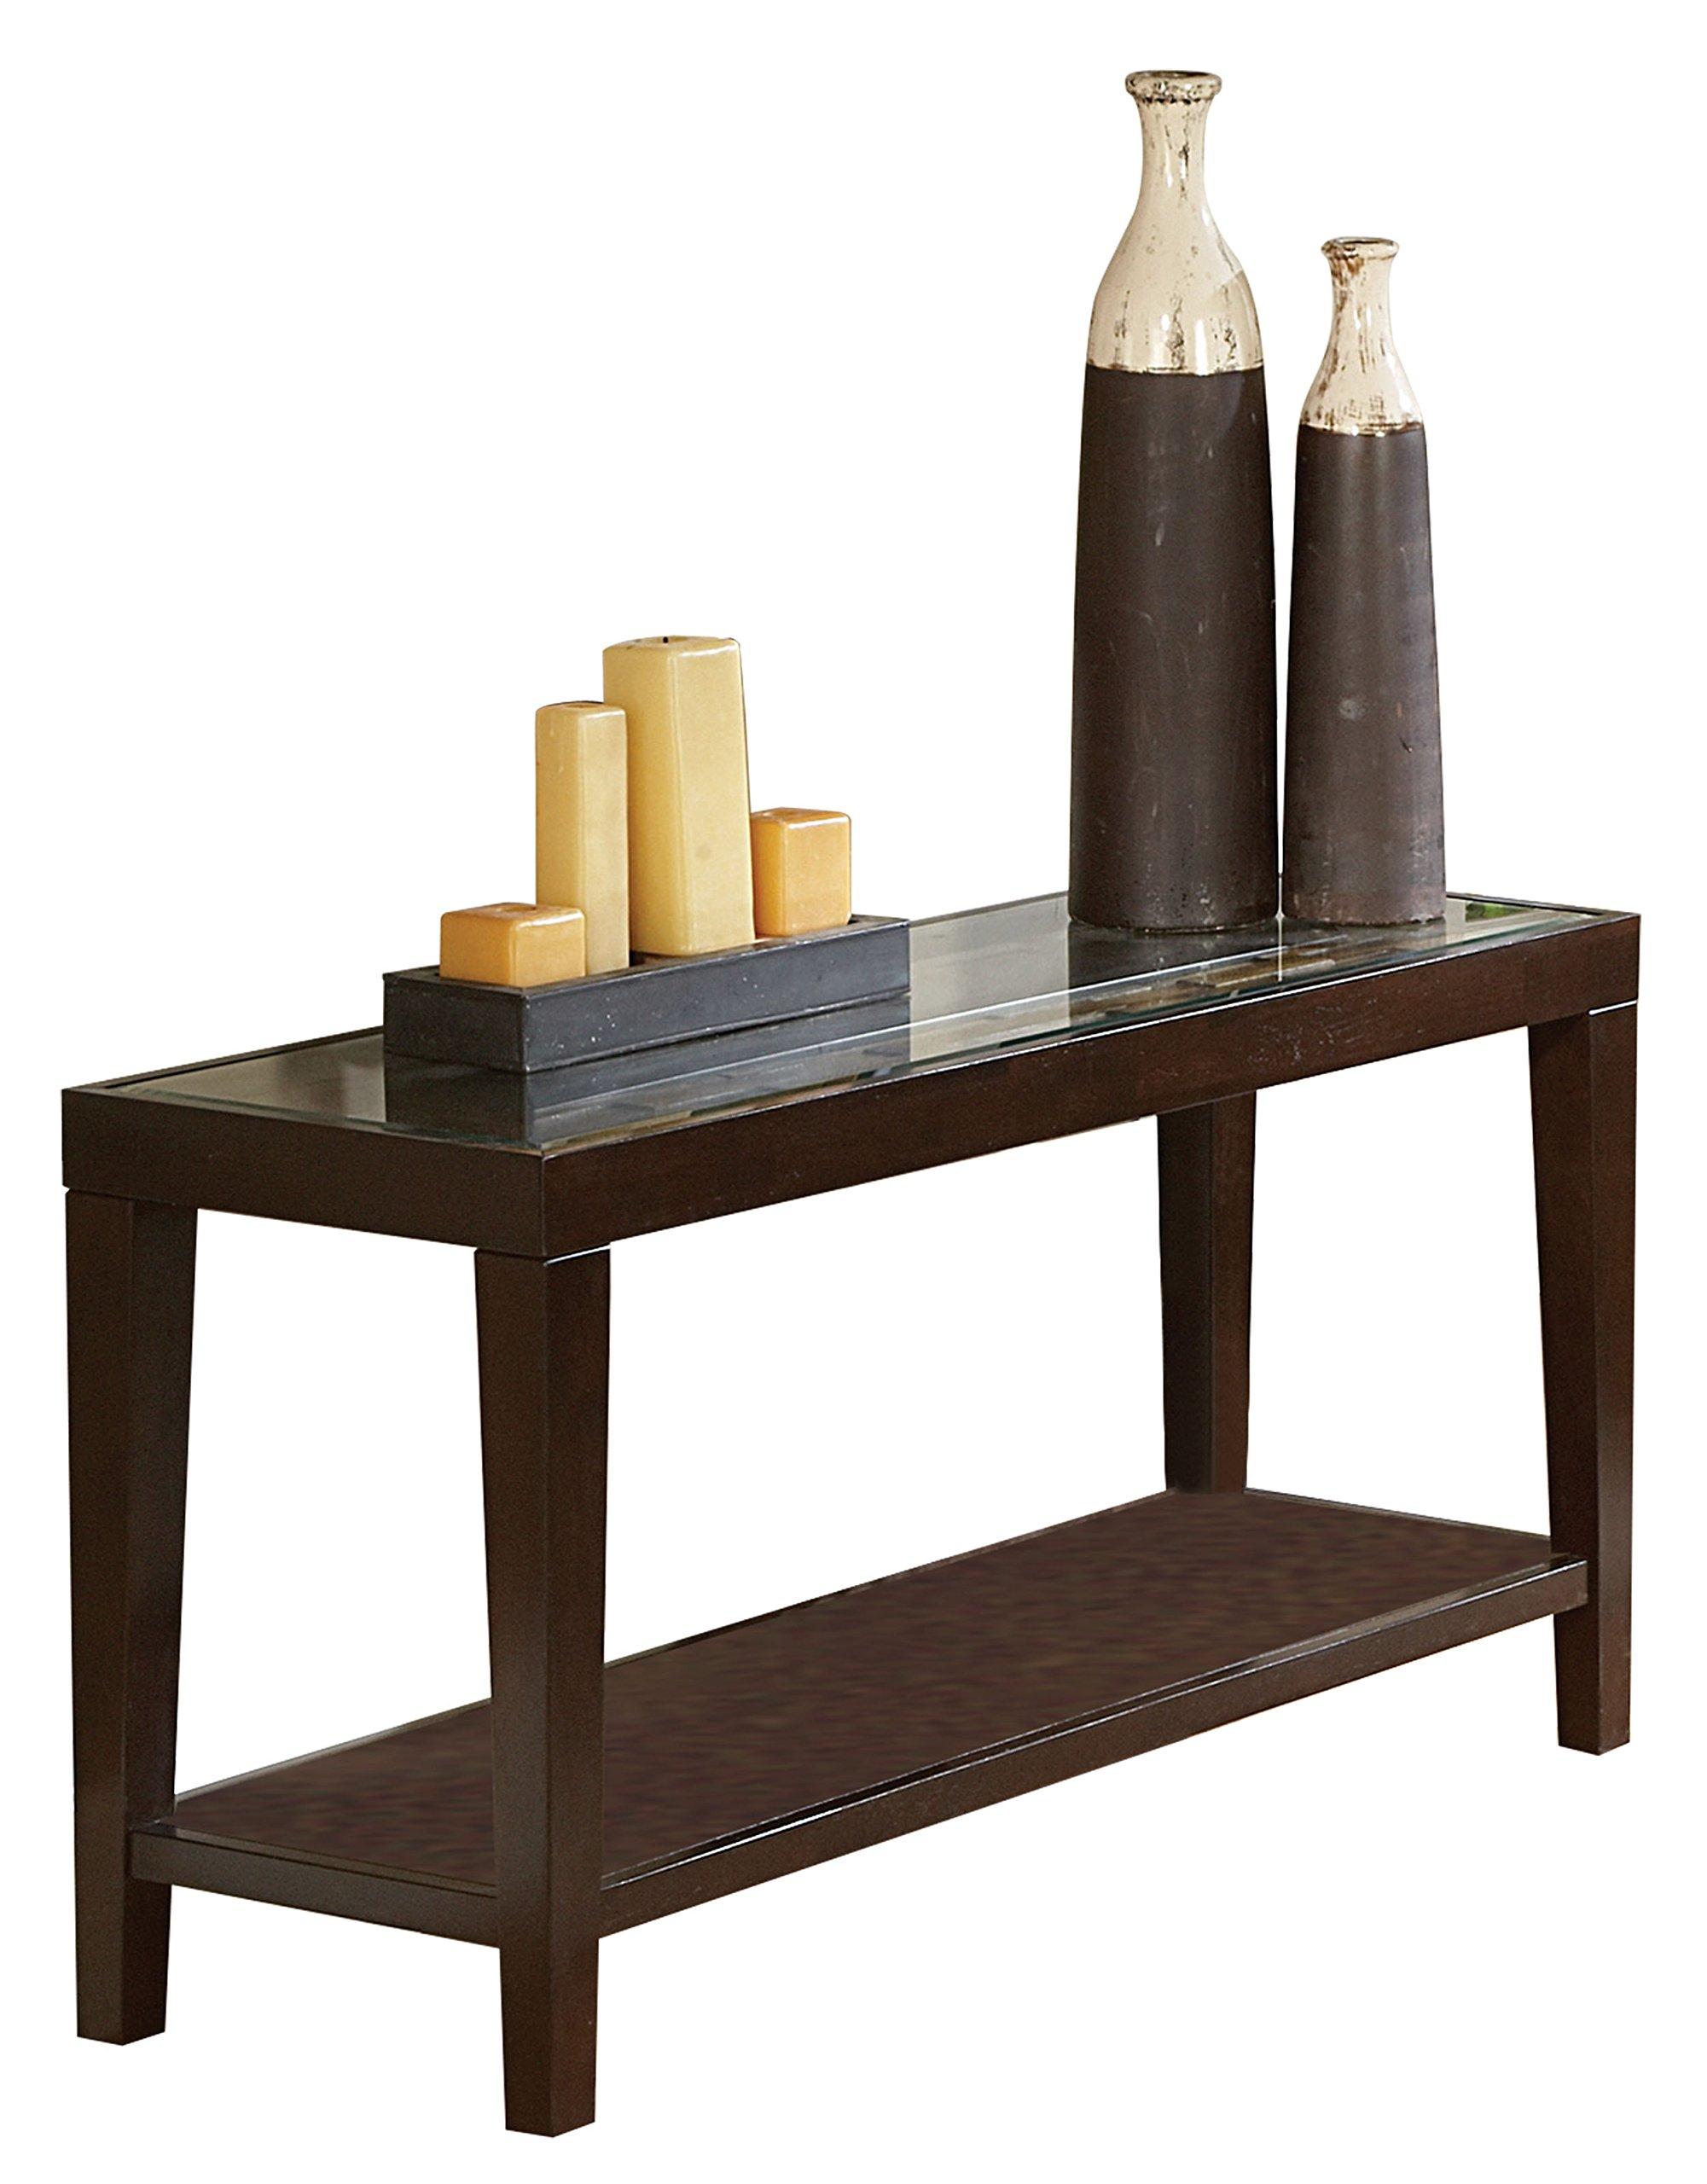 Homelegance Vincent Sofa Table, Espresso